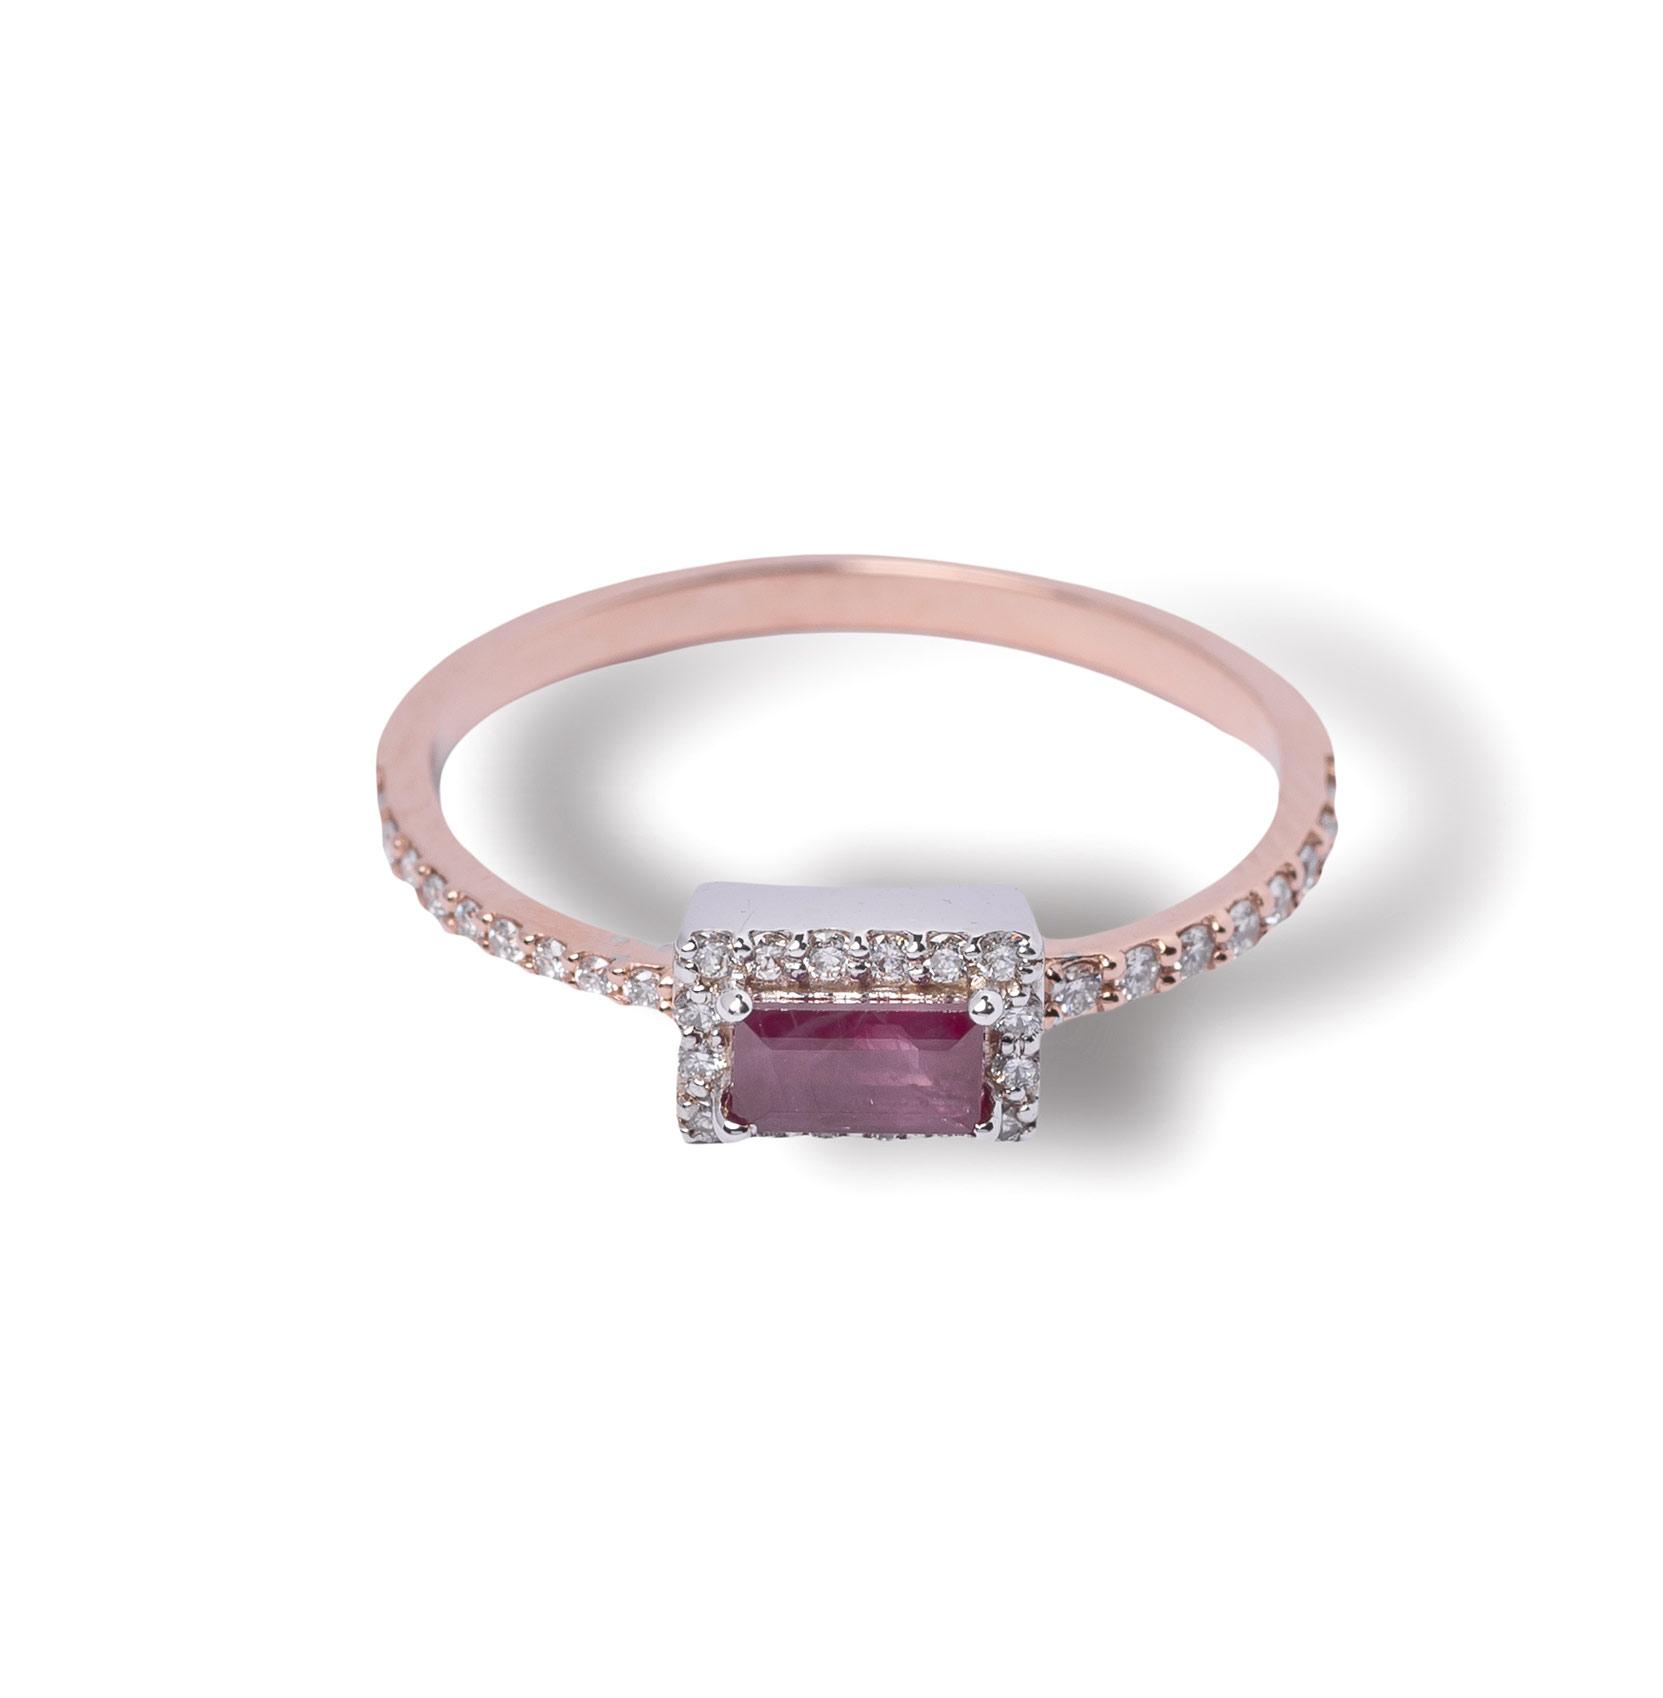 Δαχτυλίδι ροζ χρυσό Κ18 με ρουμπίνι και διαμάντια